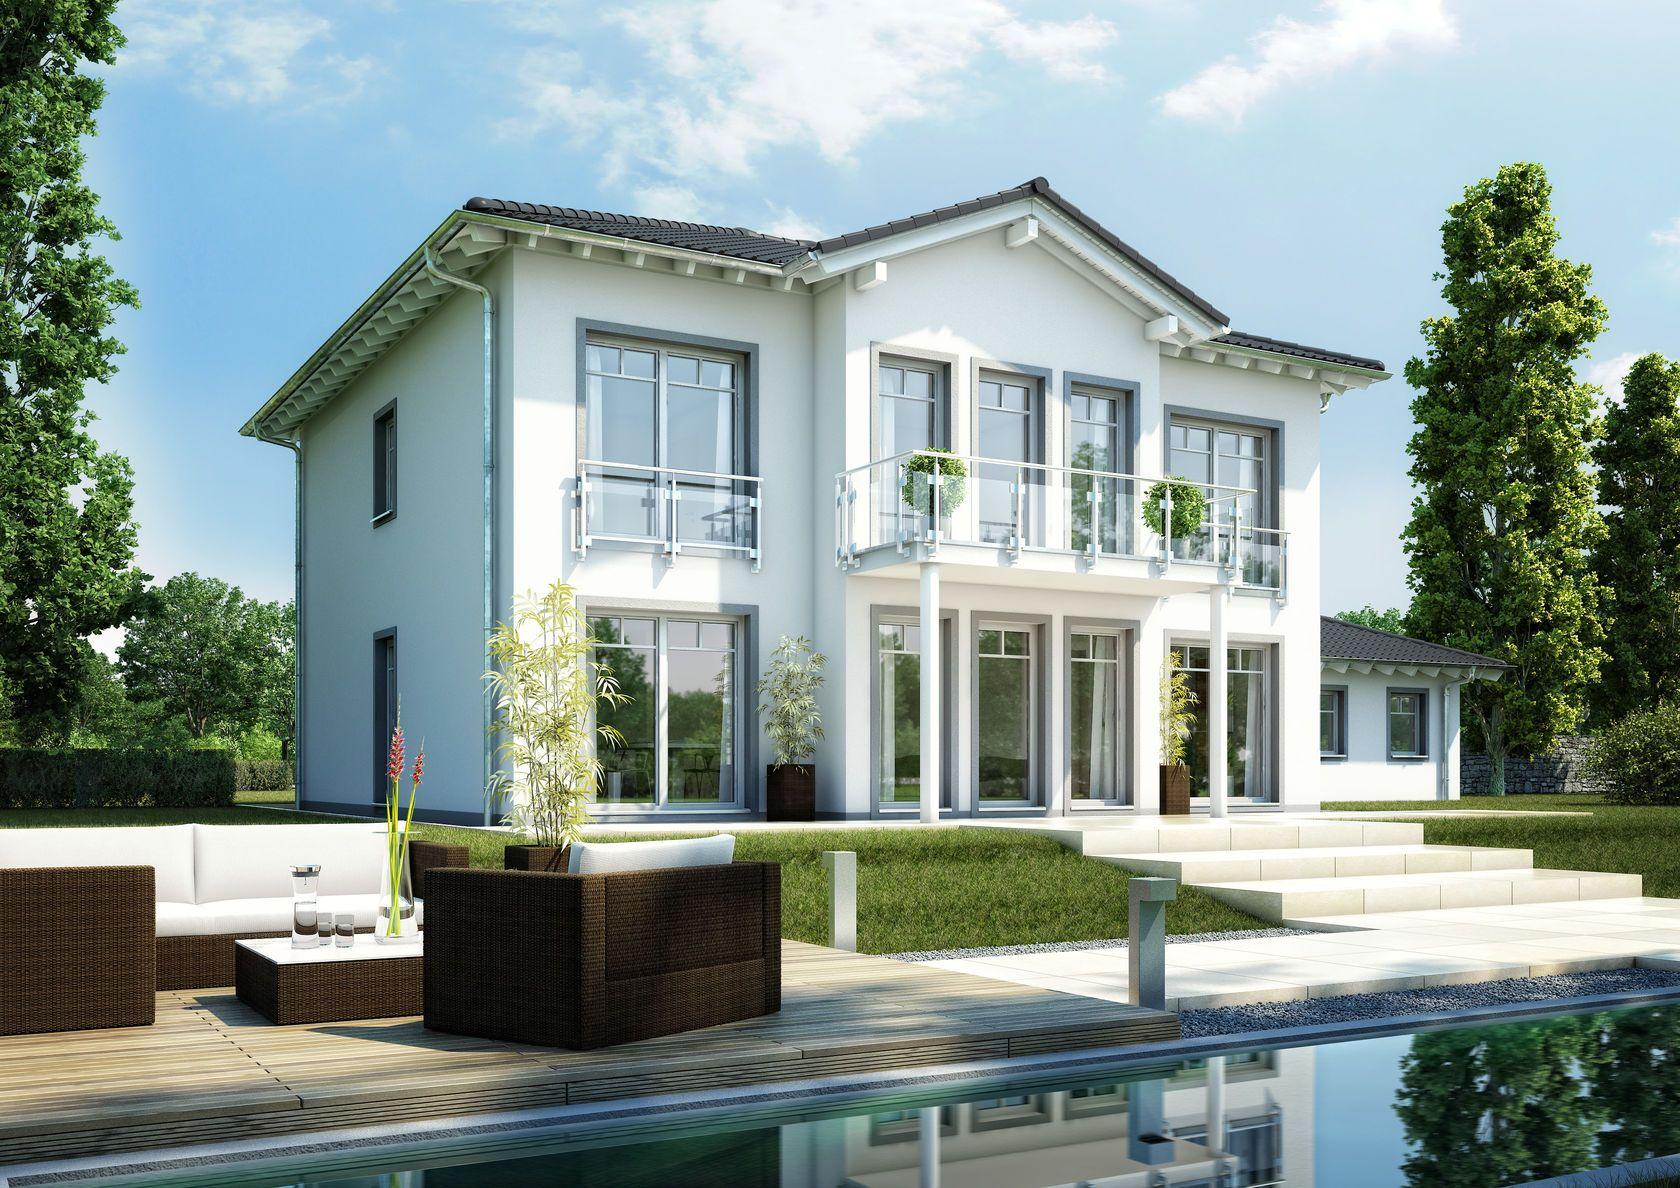 Stadtvilla karat von kern haus wohnerlebnis auf ber 200 for Stadtvilla modern